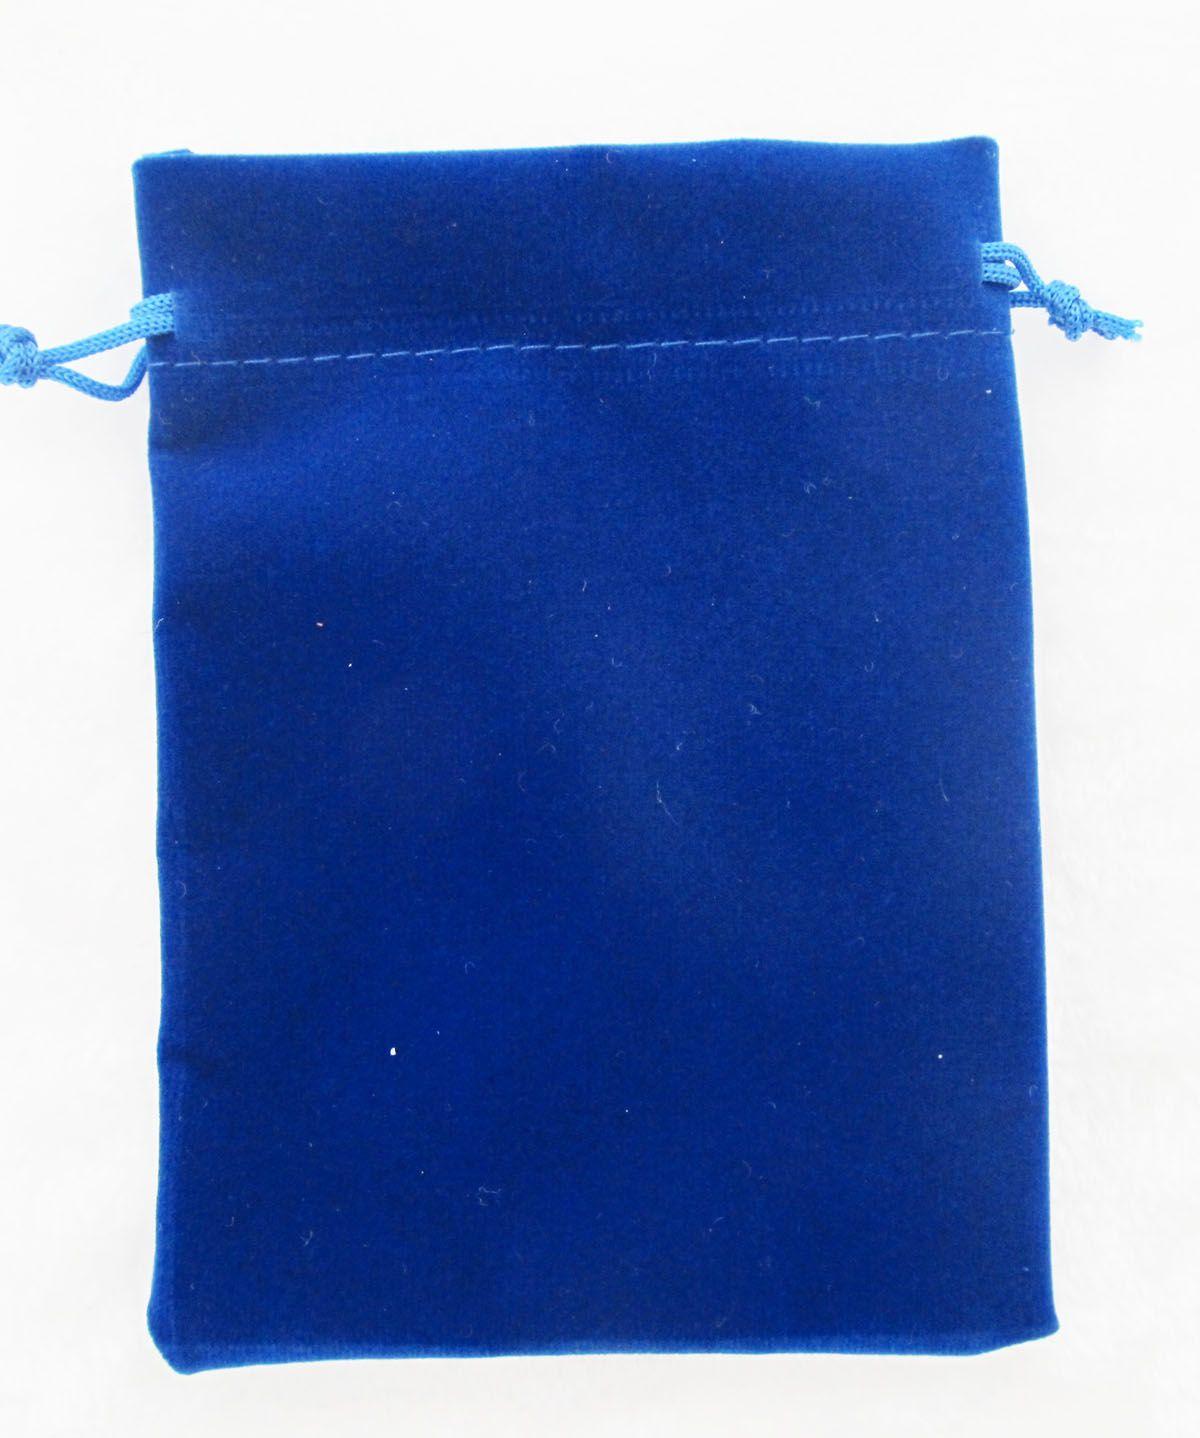 Velours bleu Velours Velvet Bijoux Pochette Pochette Cadeau 11 x 15 cm 4,3x5,9 pouces Sacs